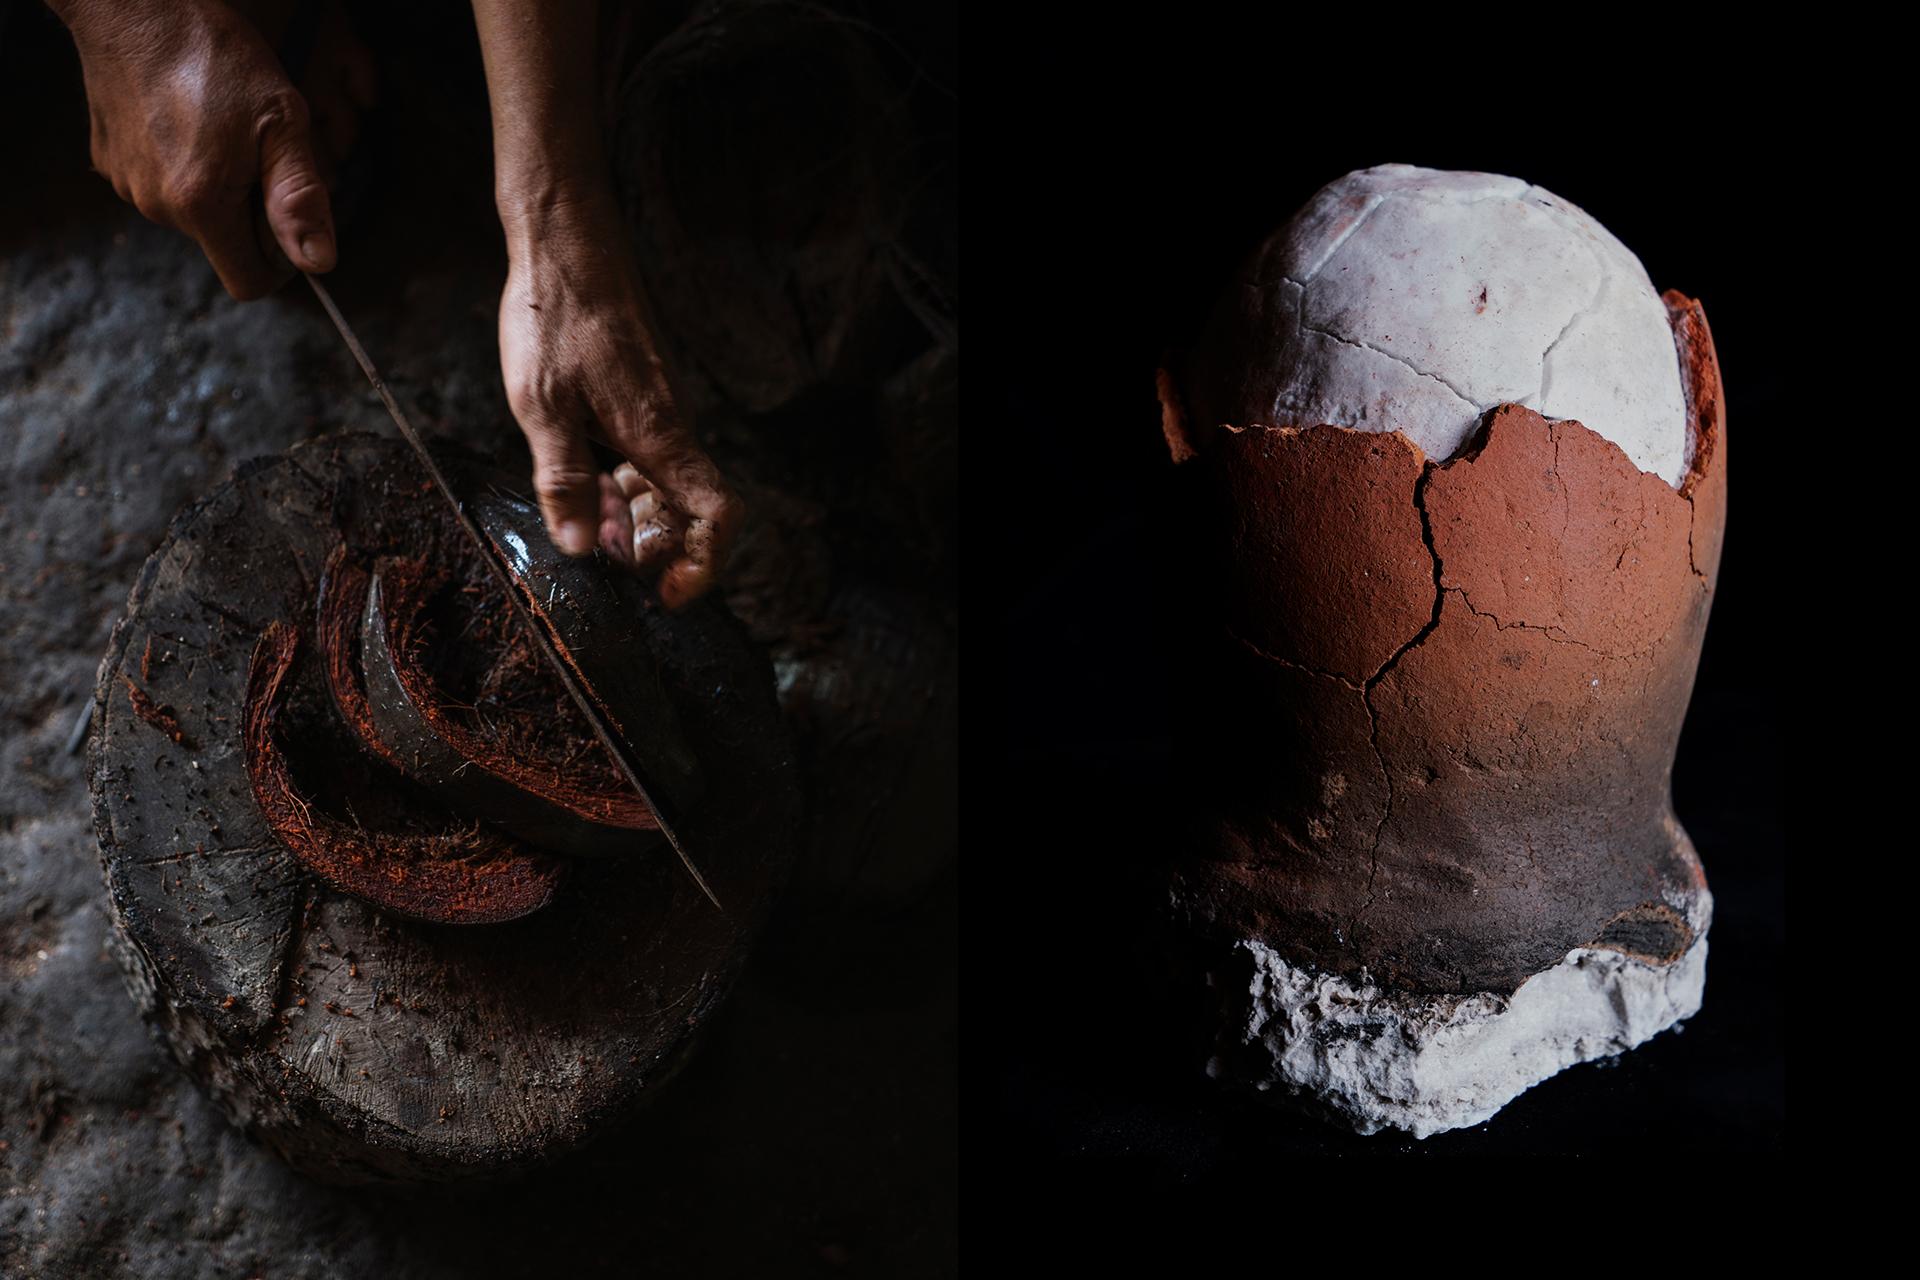 A saltmaker slicing soaked coconut husks; a salt egg from Albur, Bohol